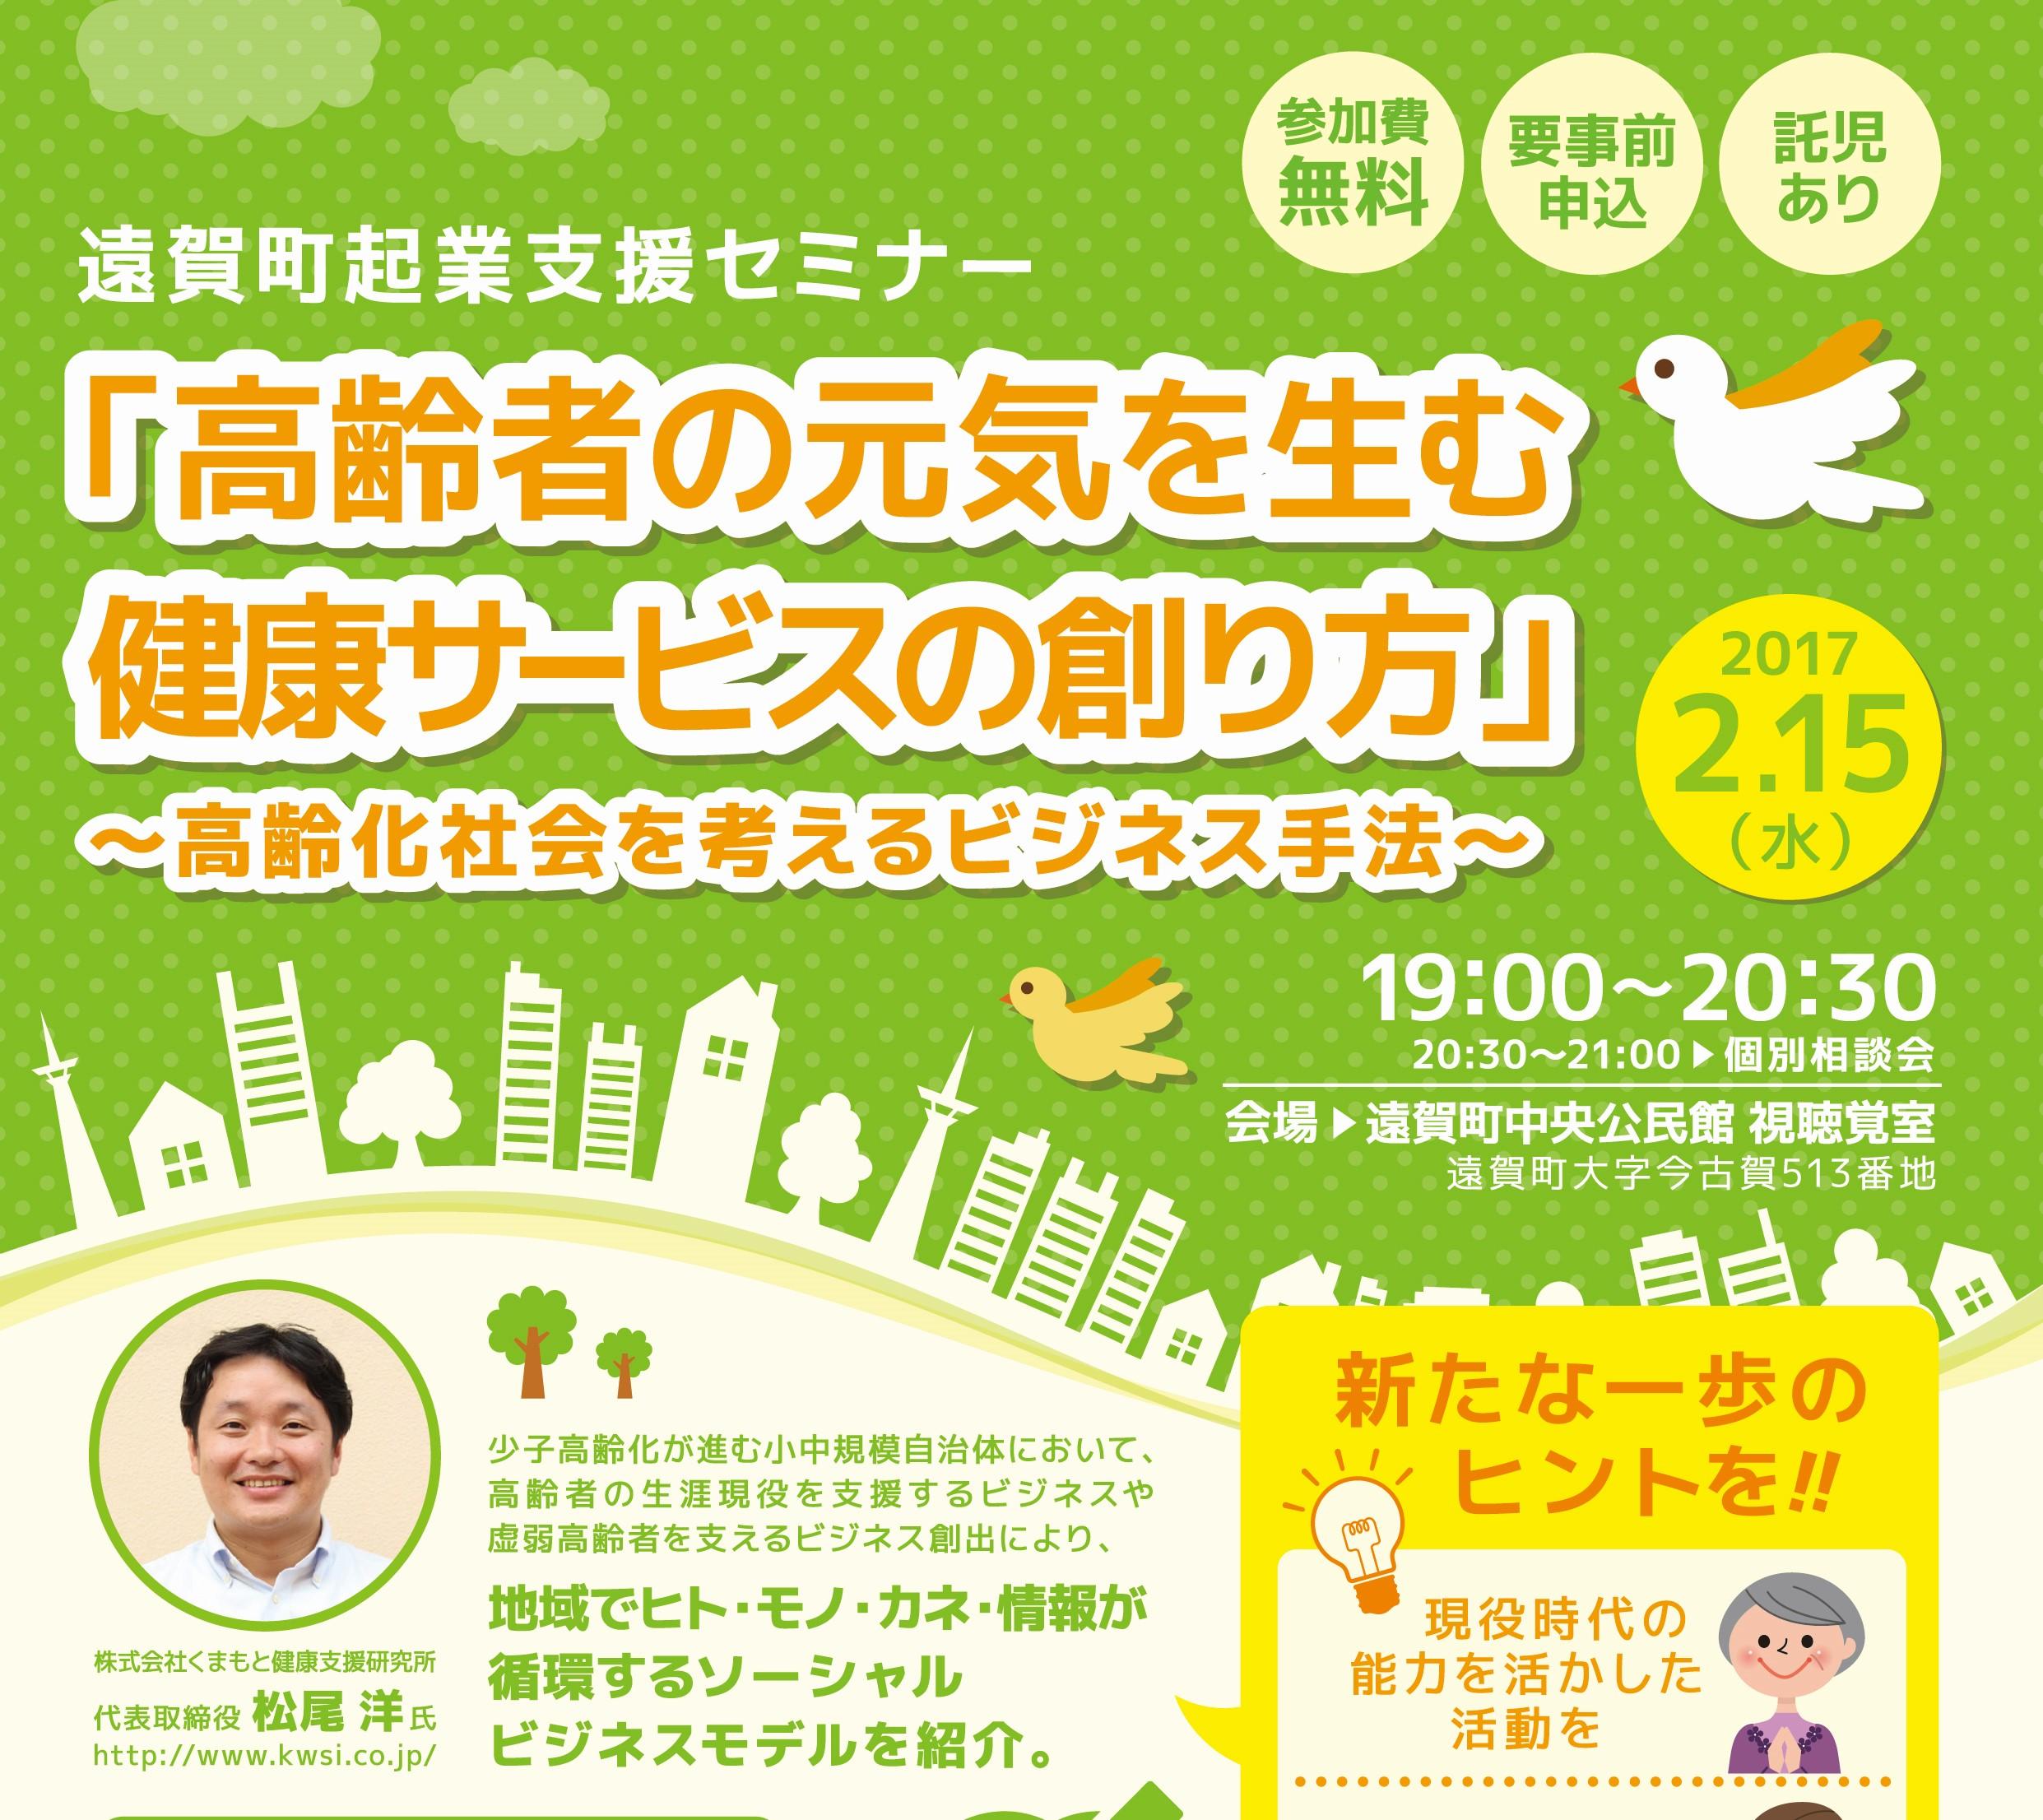 """遠賀町起業支援セミナー「高齢者の元気を生む健康サービスの創り方」平成29年2月15日(水)の写真です"""""""